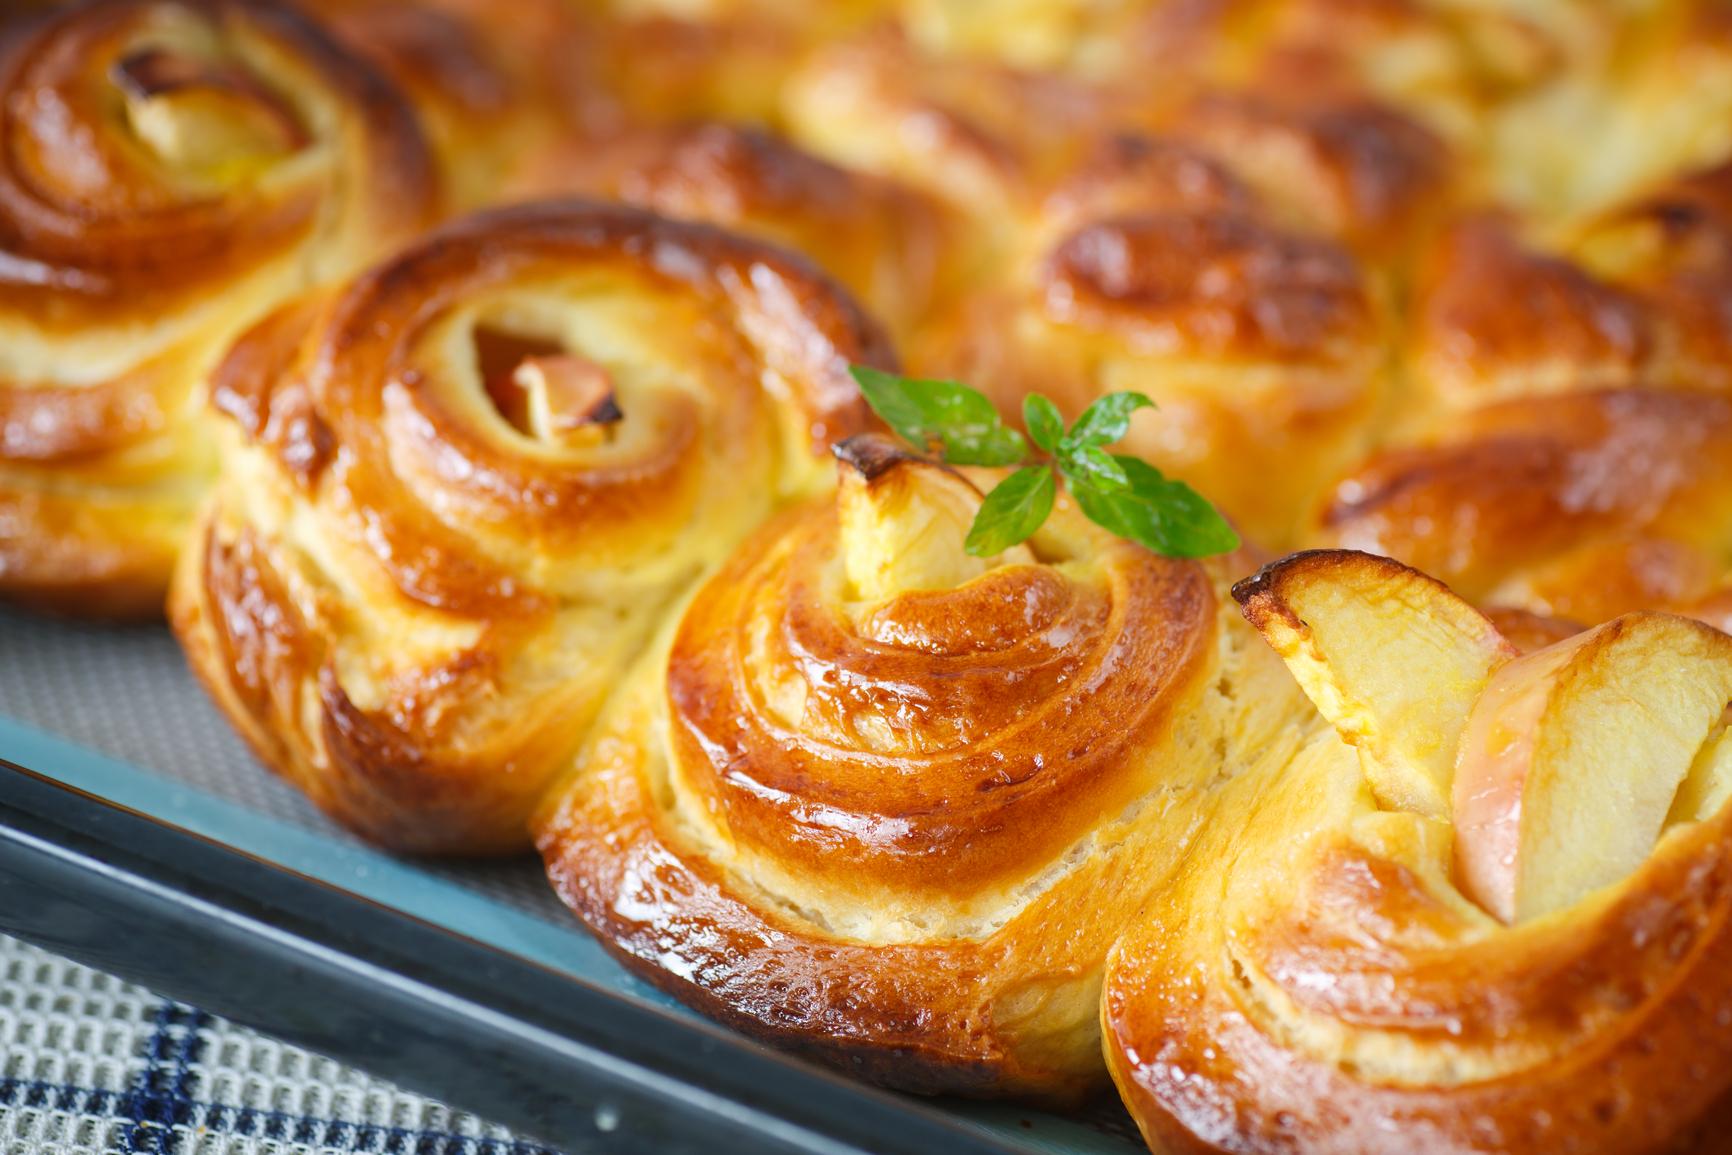 читать кулинарные рецепты с фотографиями про пироги и булочки